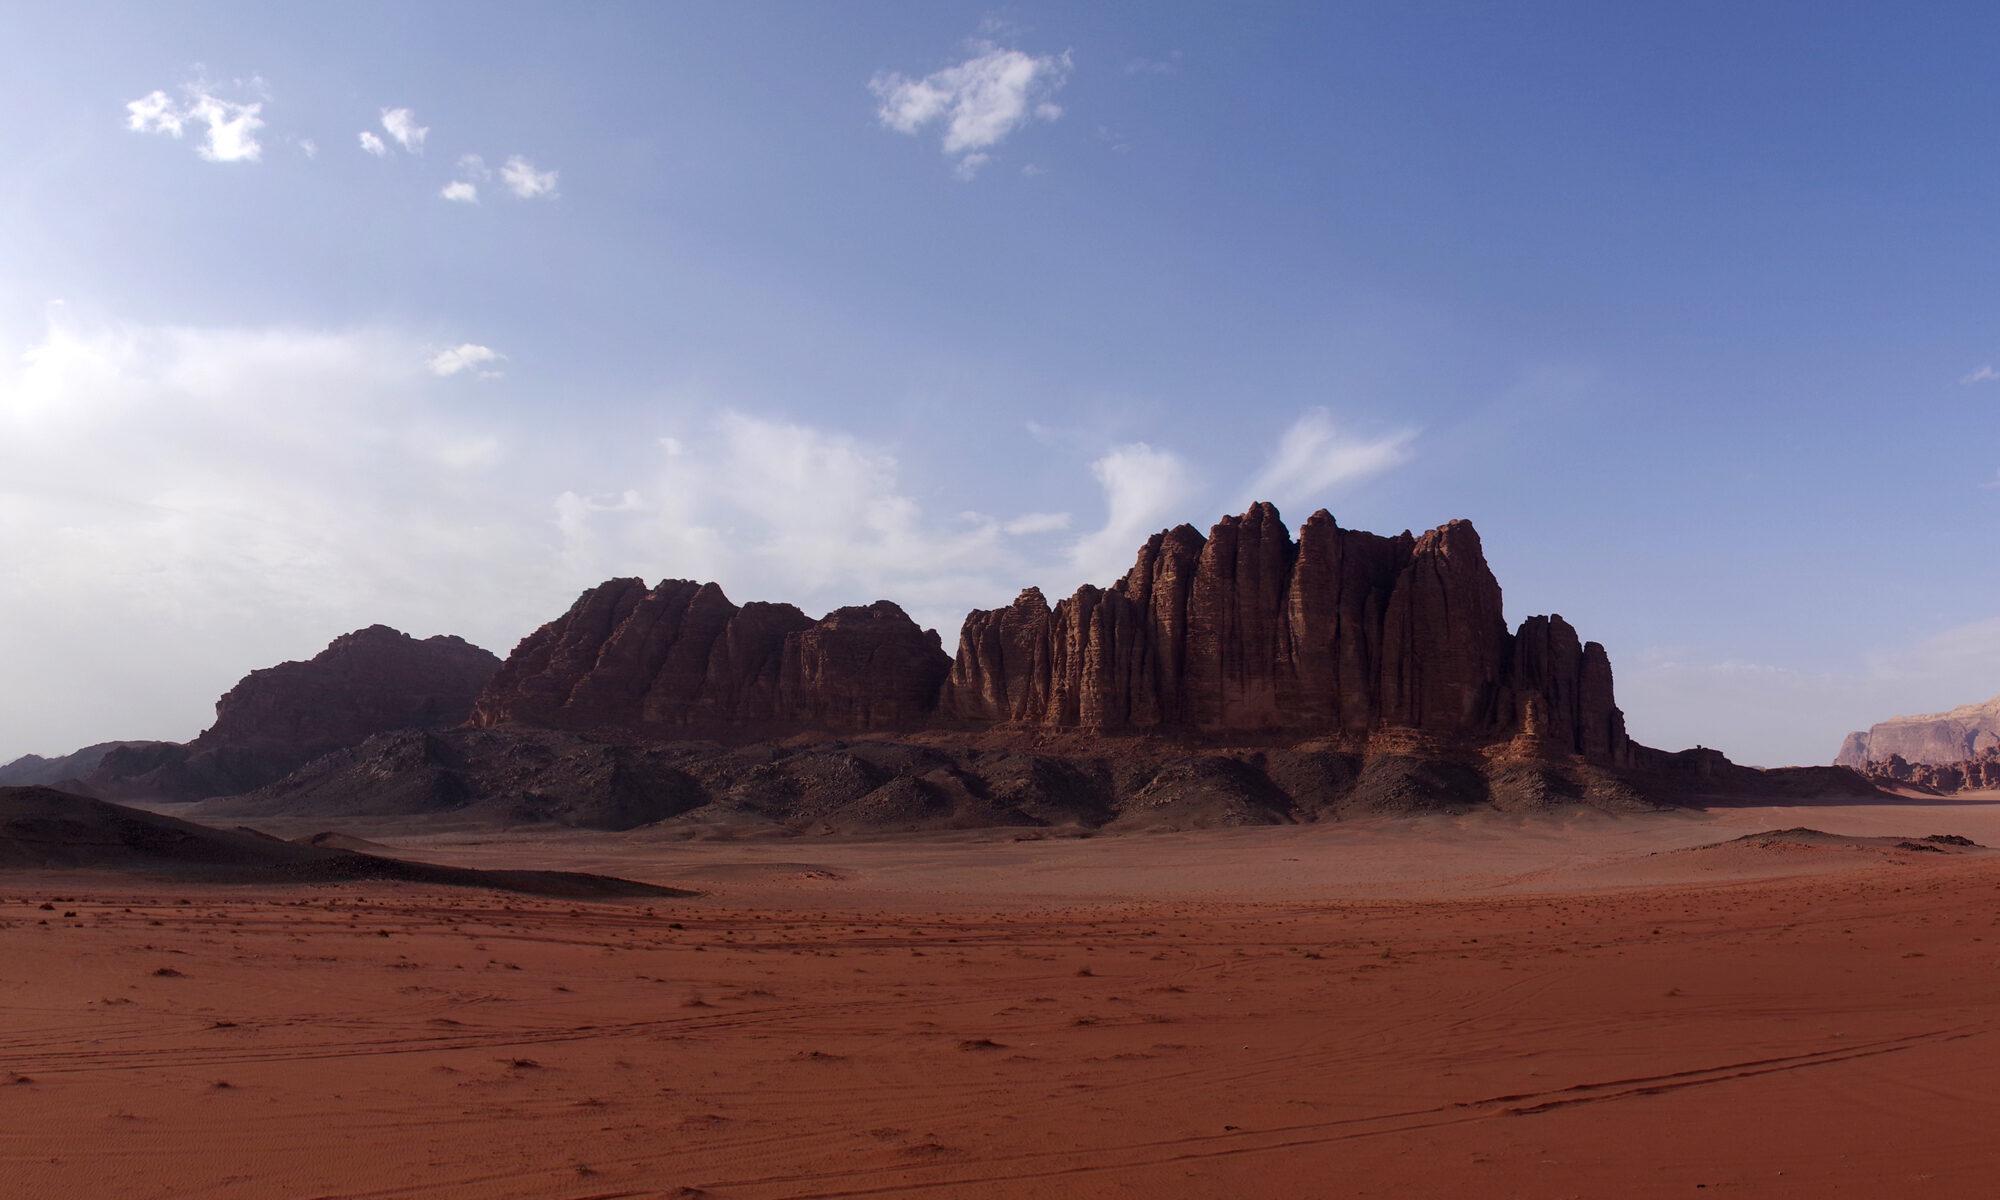 Les piliers de la Sagesse, Wadi rum, Jordanie.